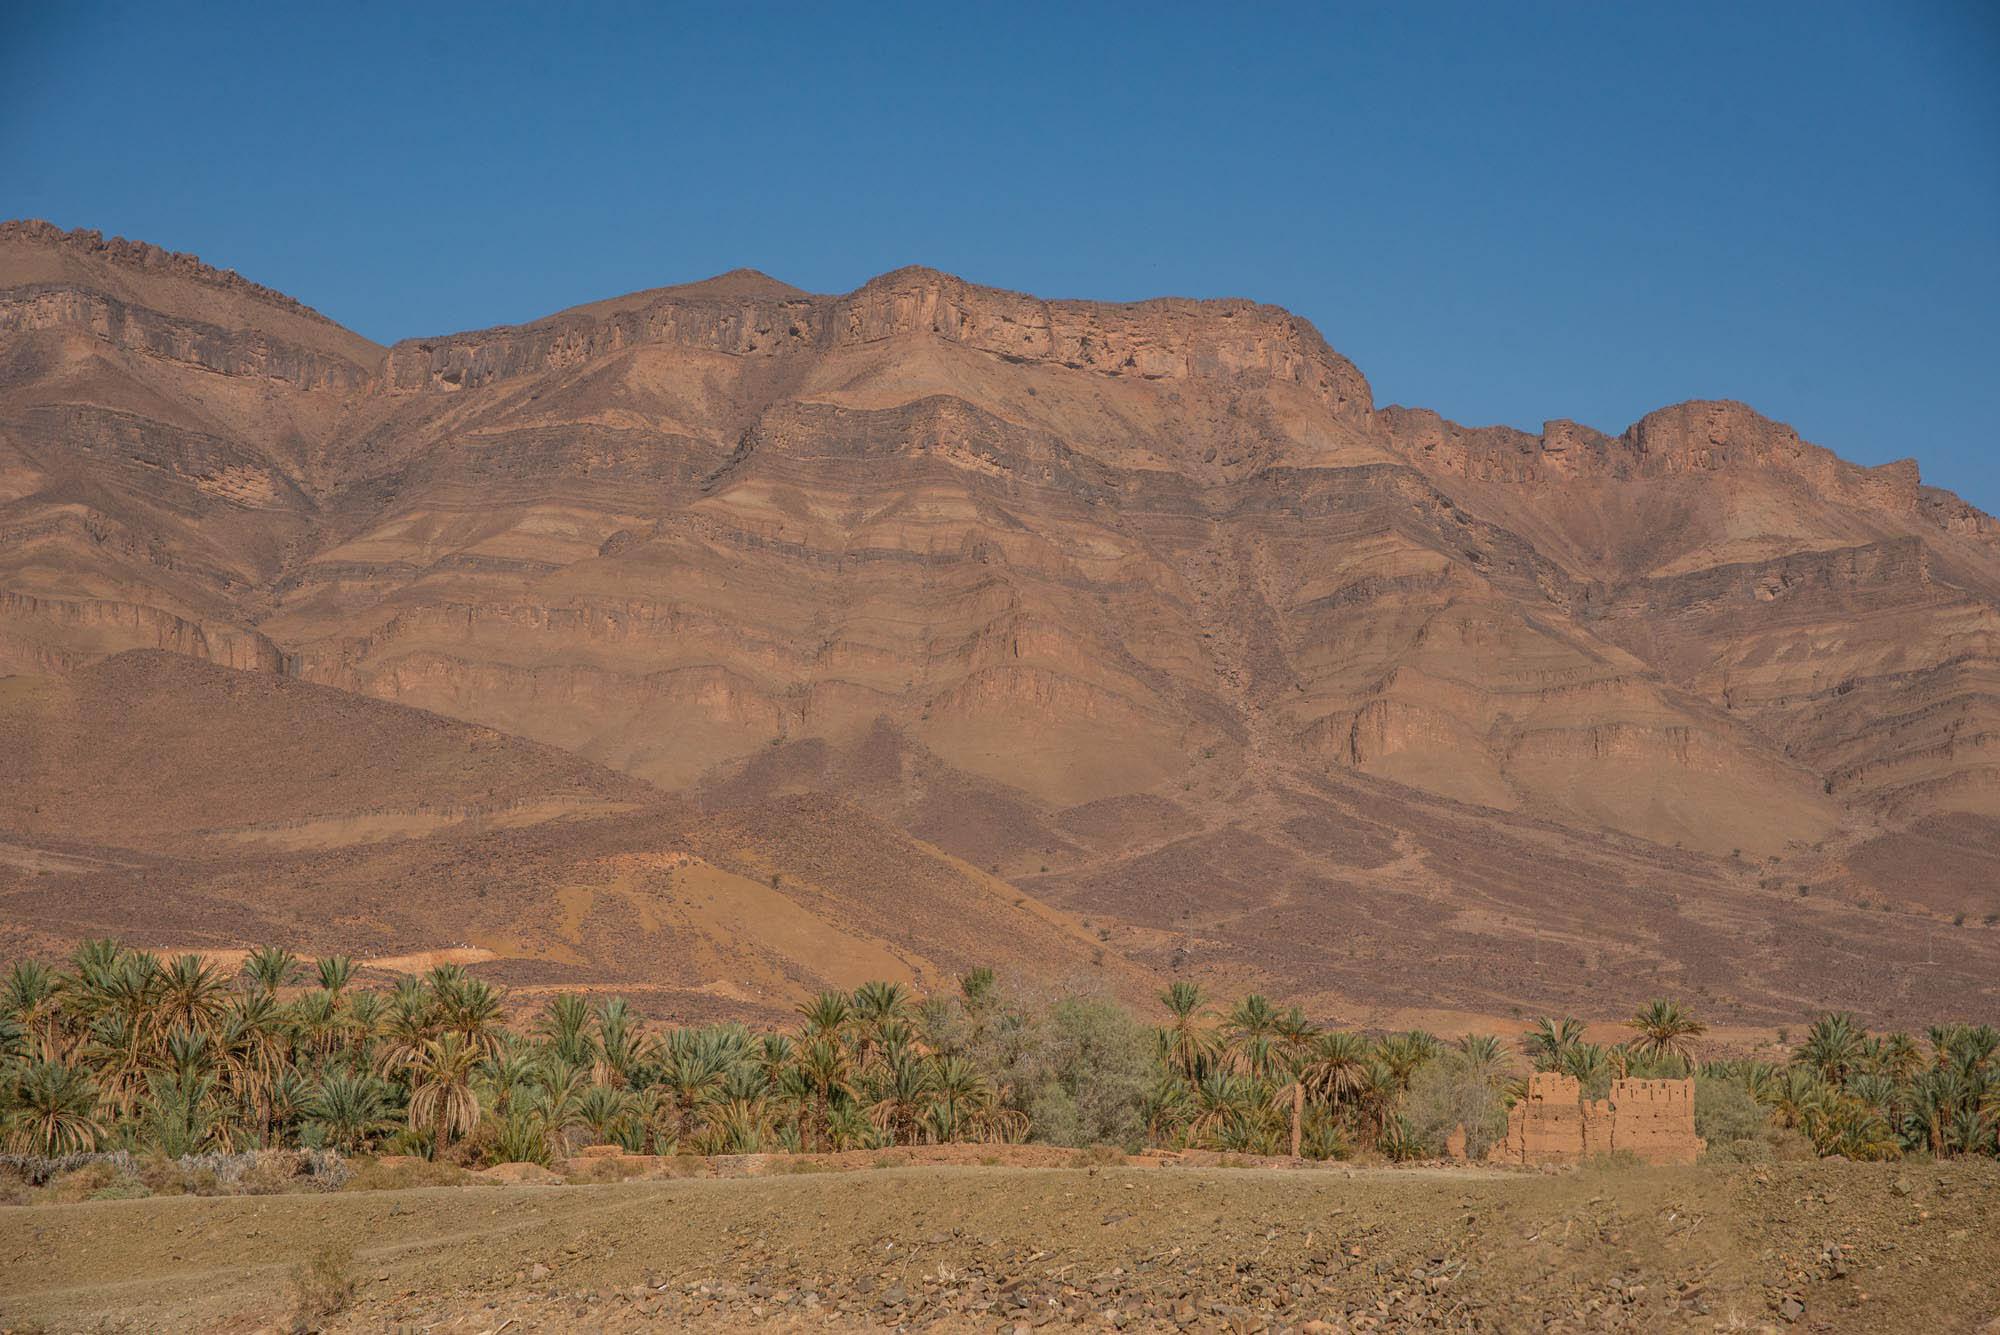 A desert camel ride